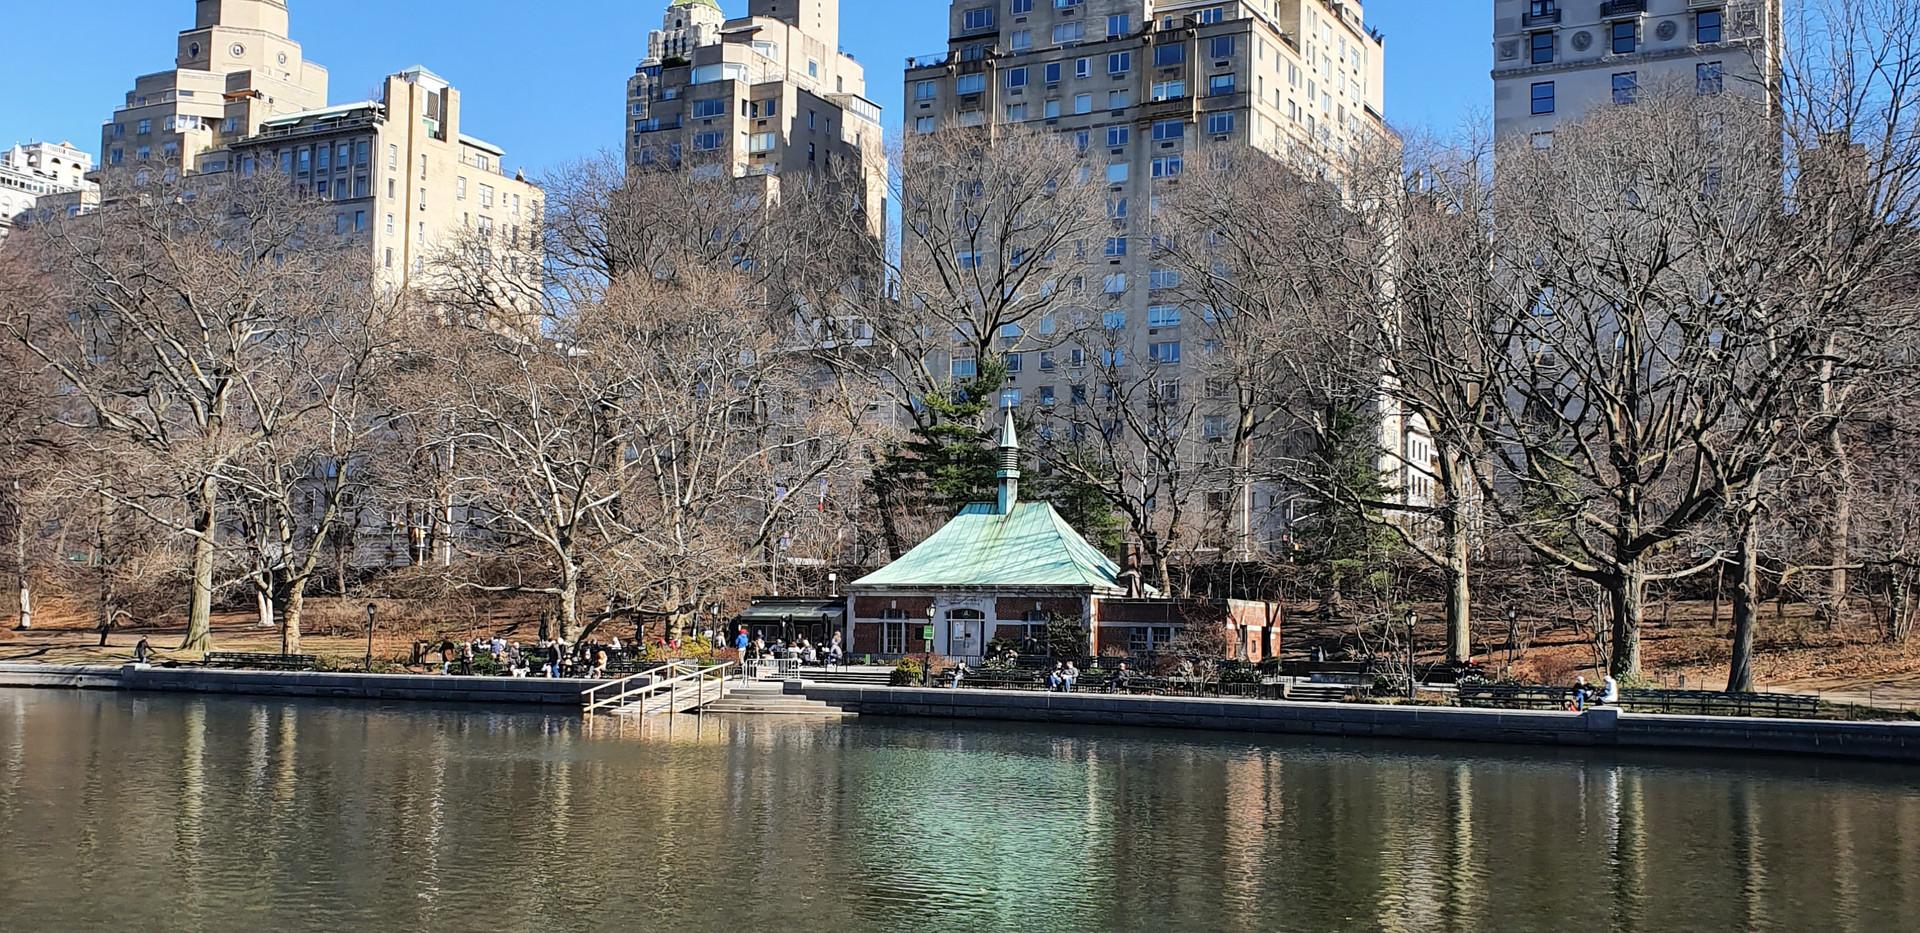 Central Park Model Boat Sailing